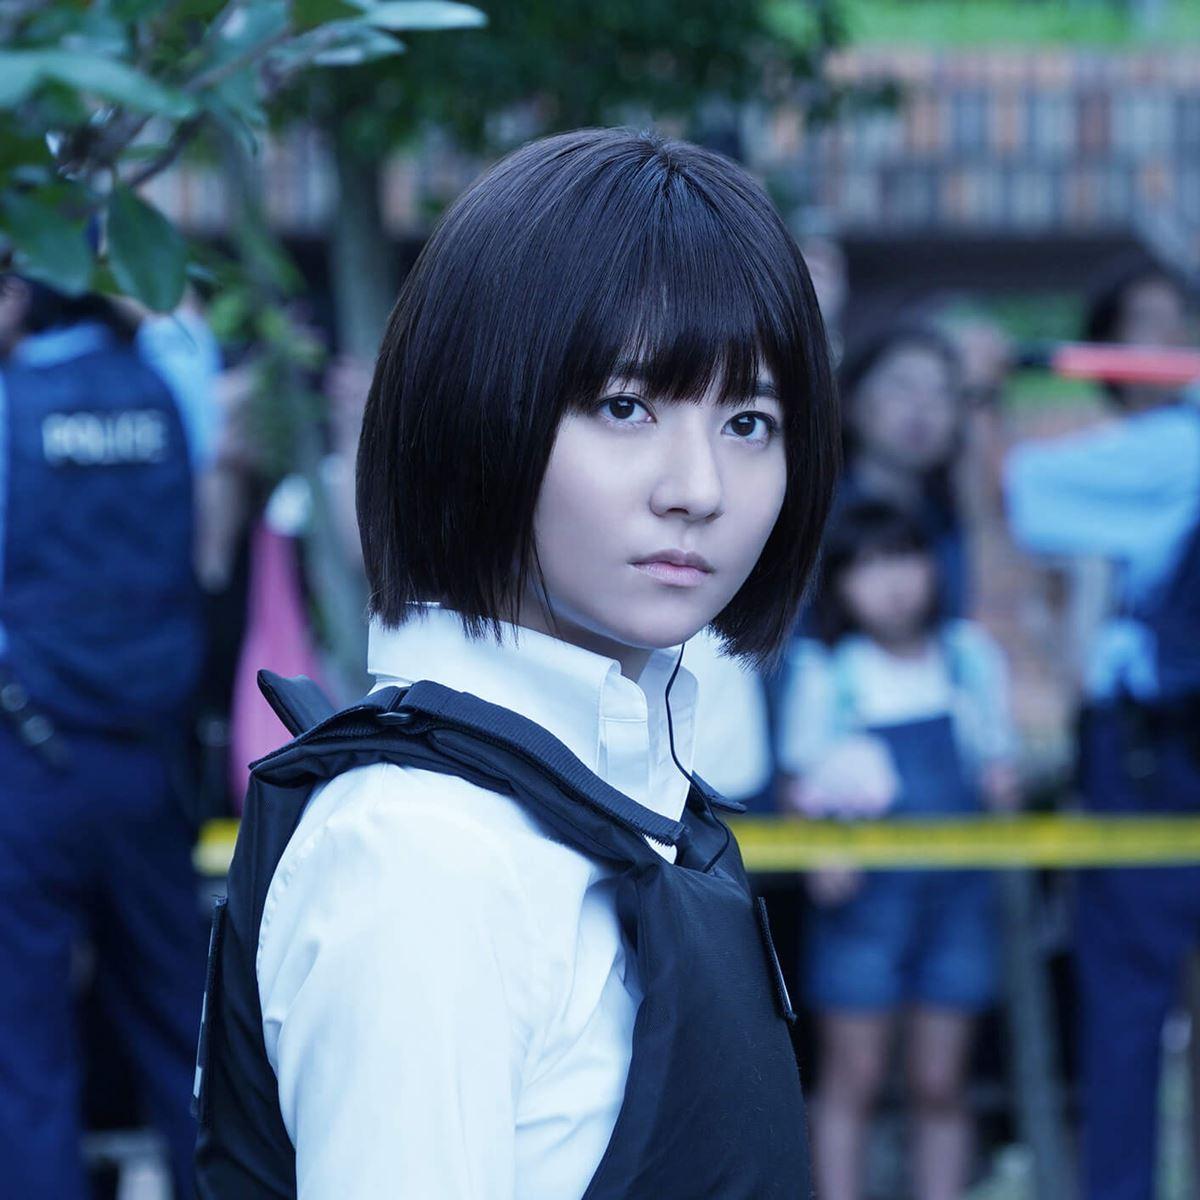 ドラマ『蝶の力学 殺人分析班』第1話